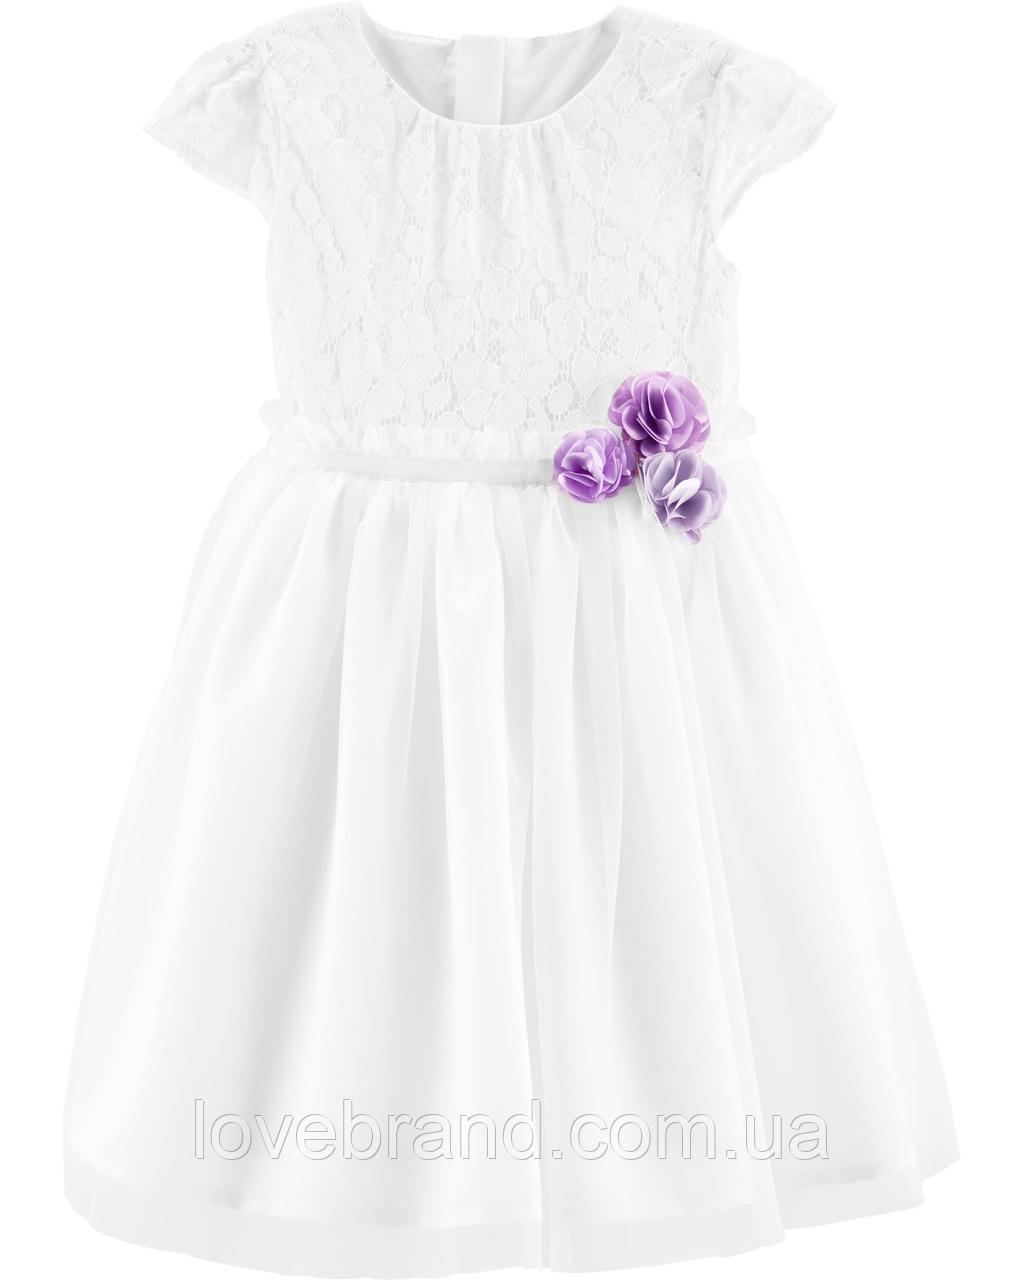 Нарядное платье для девочки OshKosh белое на 2 года